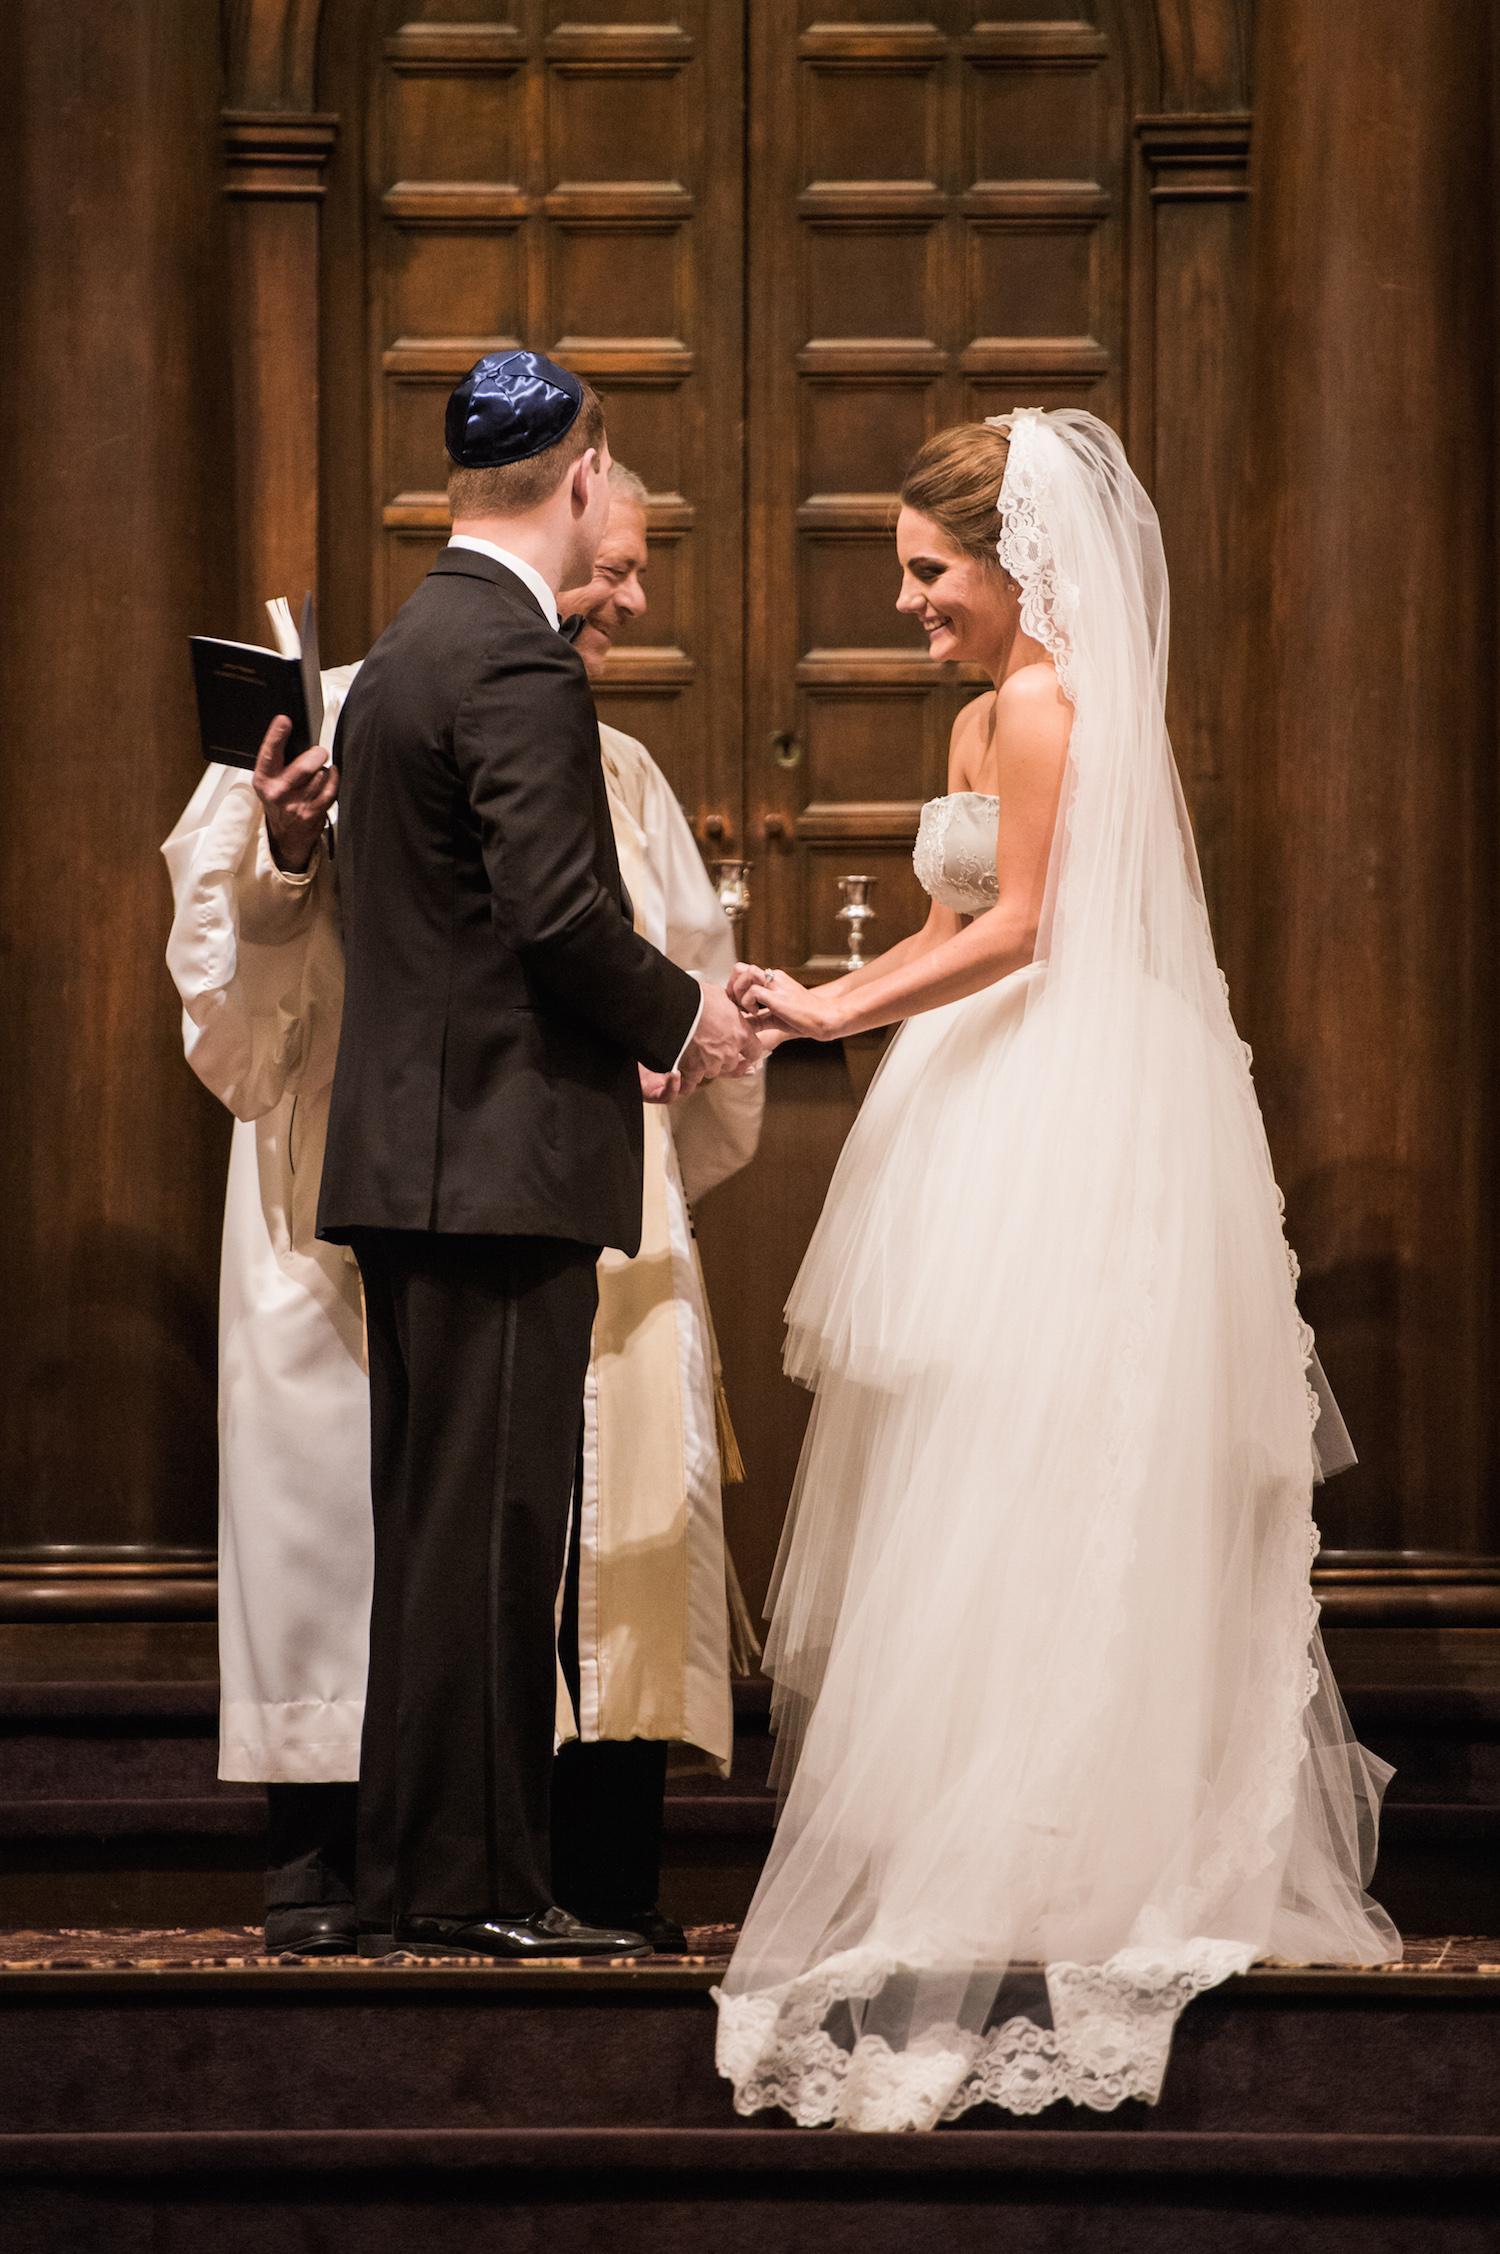 Stylish Jewish Evening Wedding {Birmingham, AL} | The Big ...